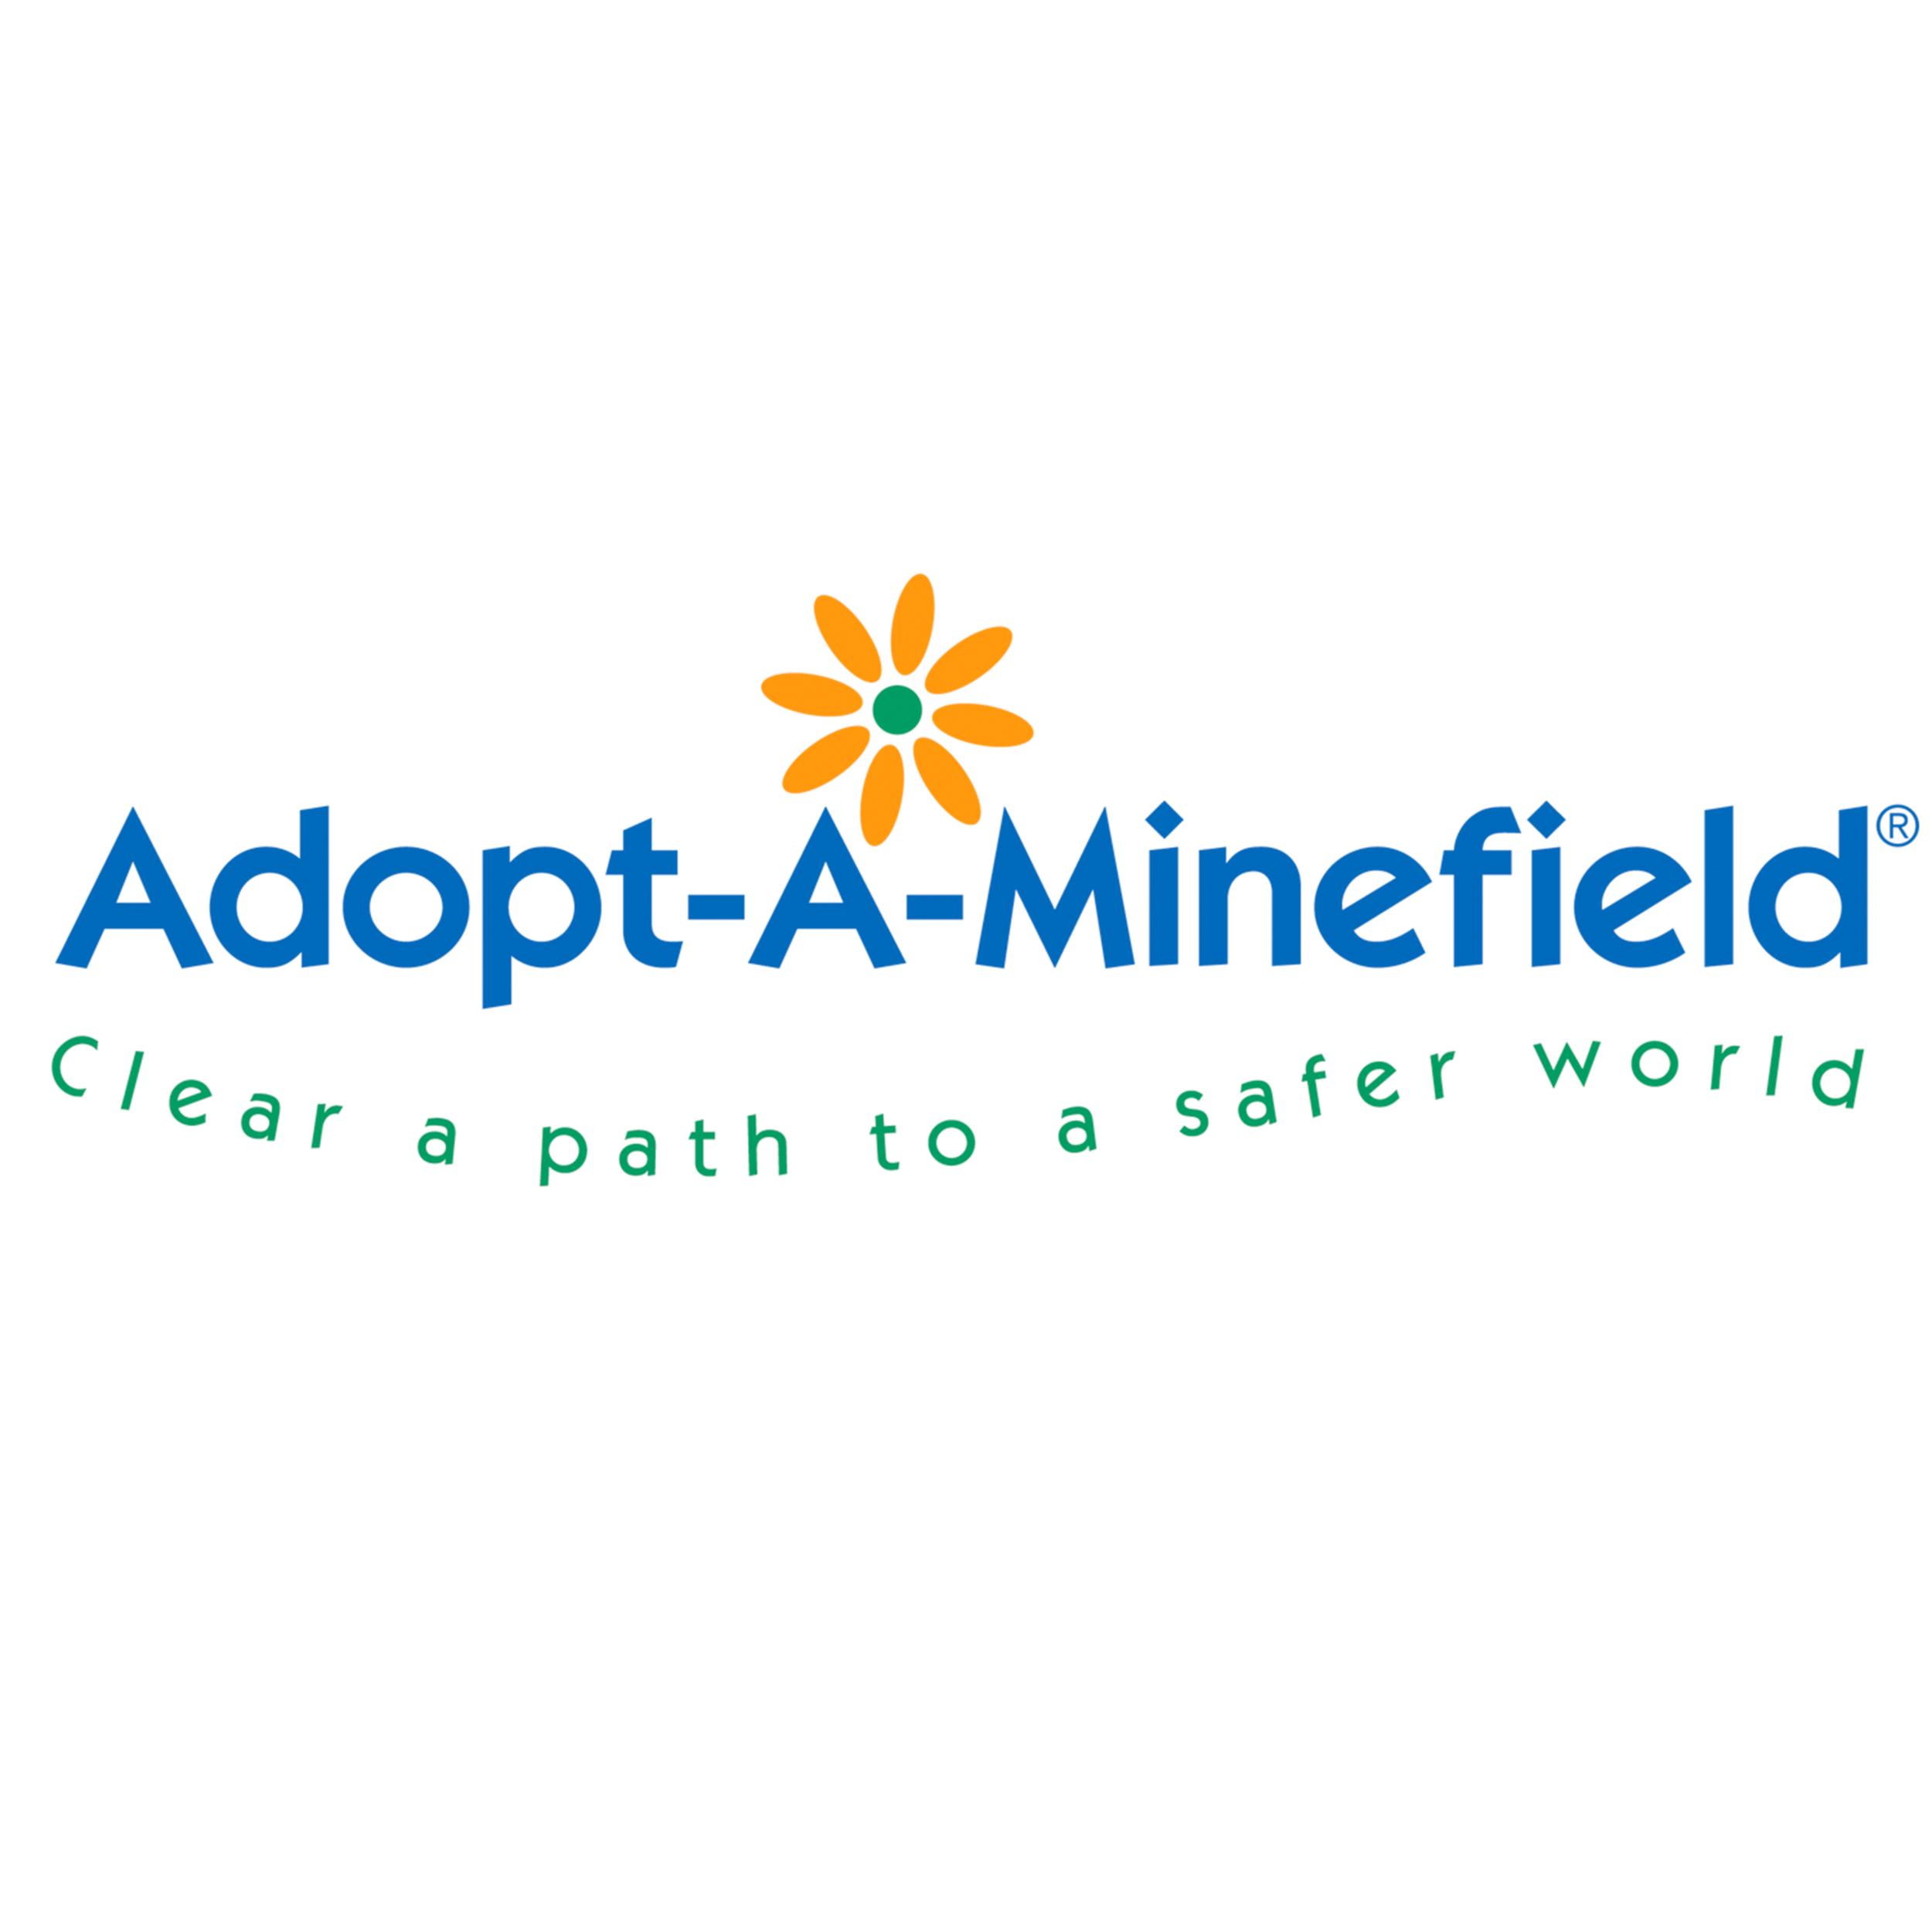 AdoptAMinefield_logo_2x.png